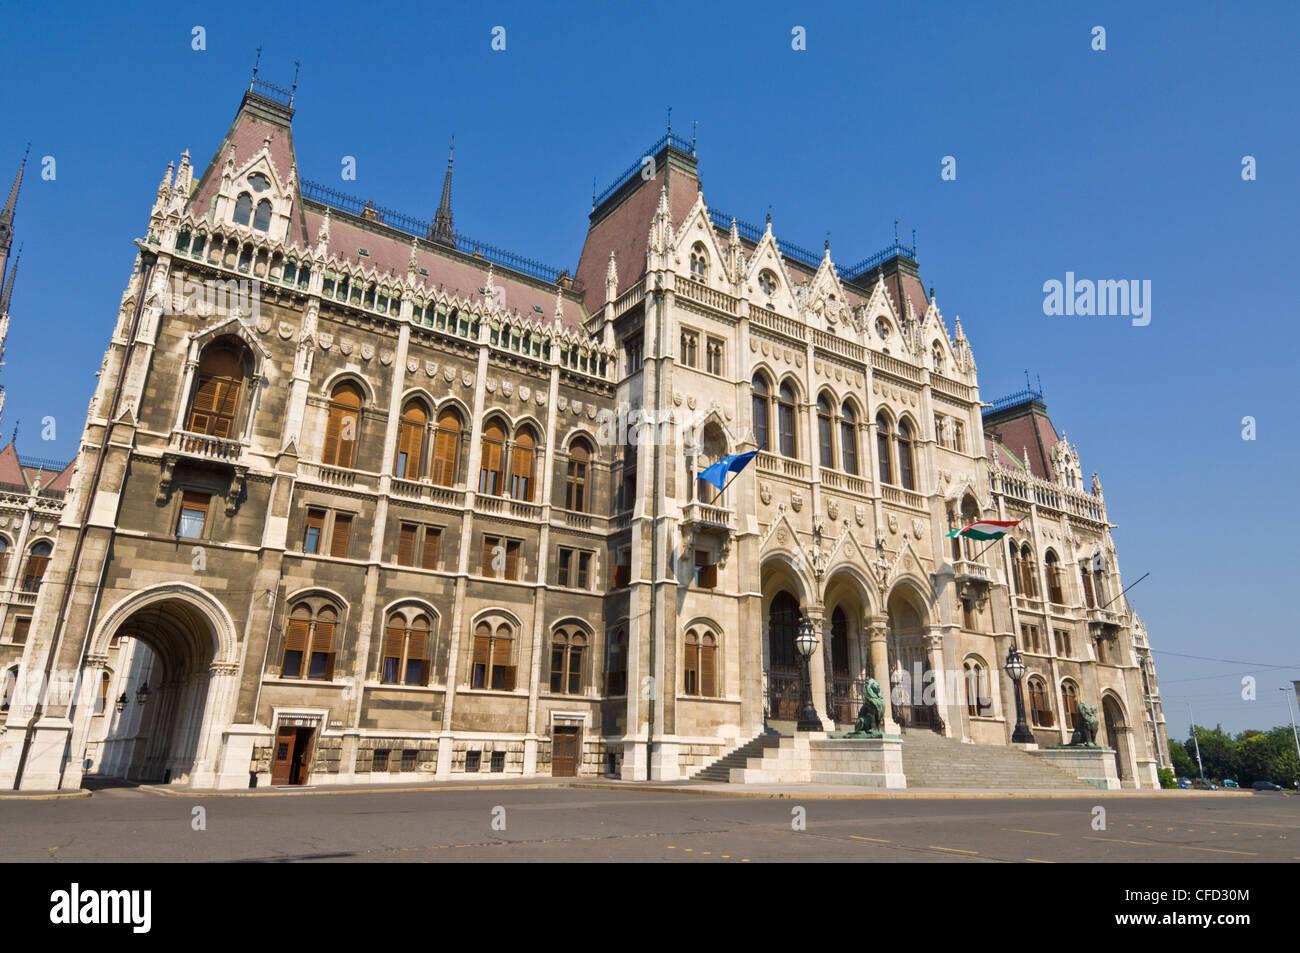 Das neugotische ungarische Parlament, vor dem Eingang, entworfen von Imre Steindl, Budapest, Ungarn, Europa Stockbild